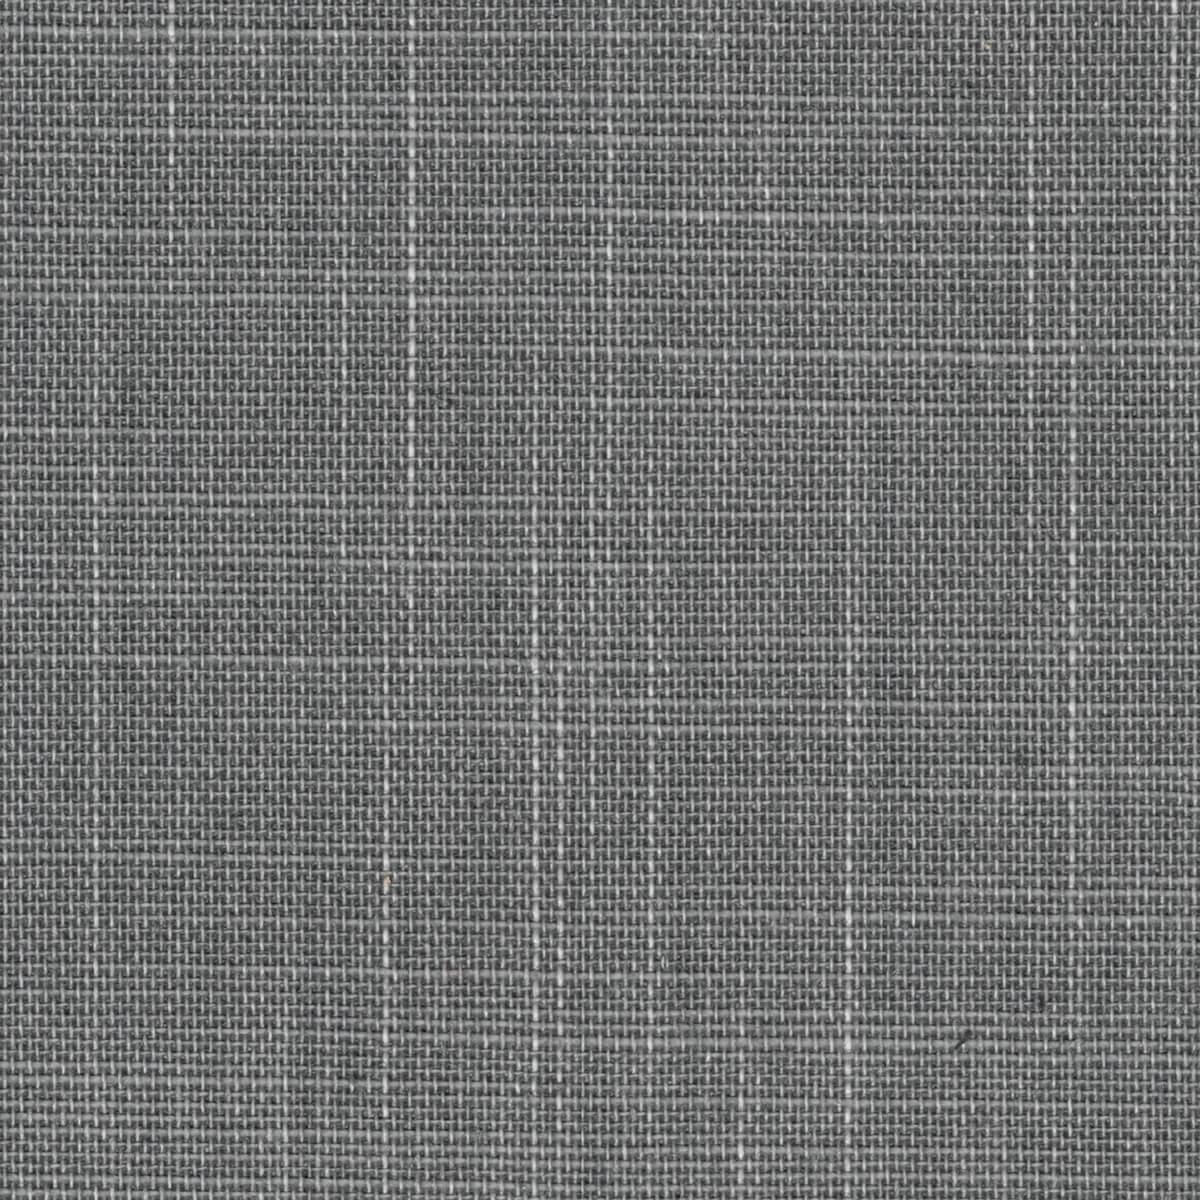 پرده شید با سبک مدرن | جنس پلی استر | کد VSH25| گروه وراتی